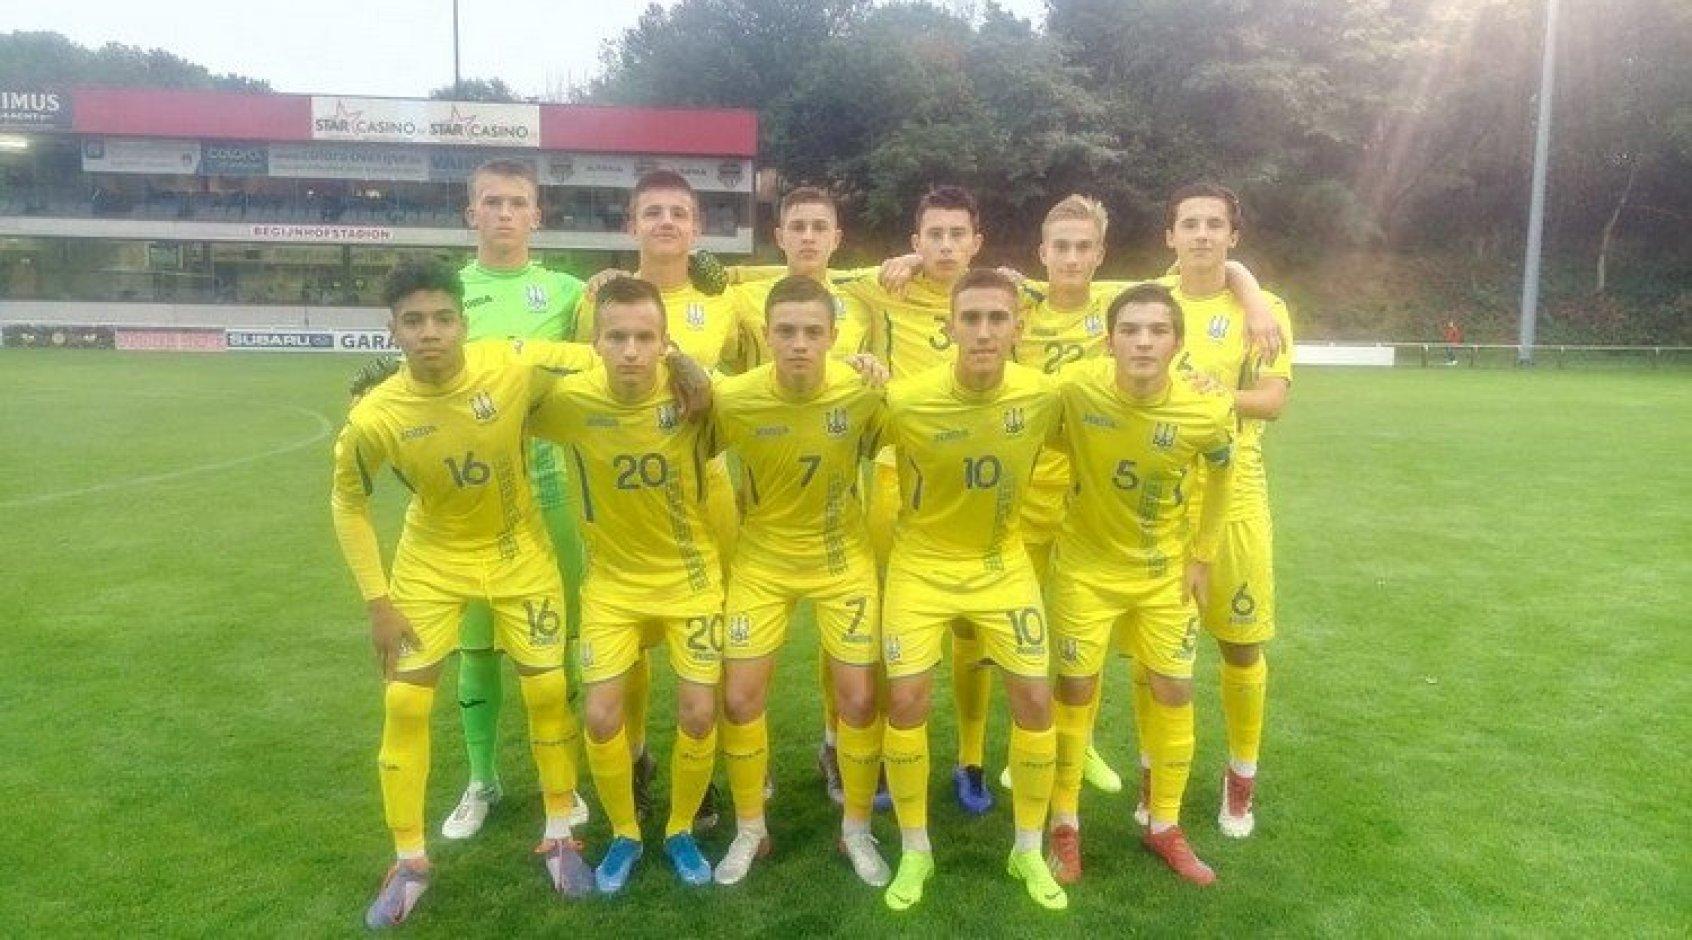 Товариський матч. Бельгія (U-16) - Україна (U-16) 2:0. Бліц-криг